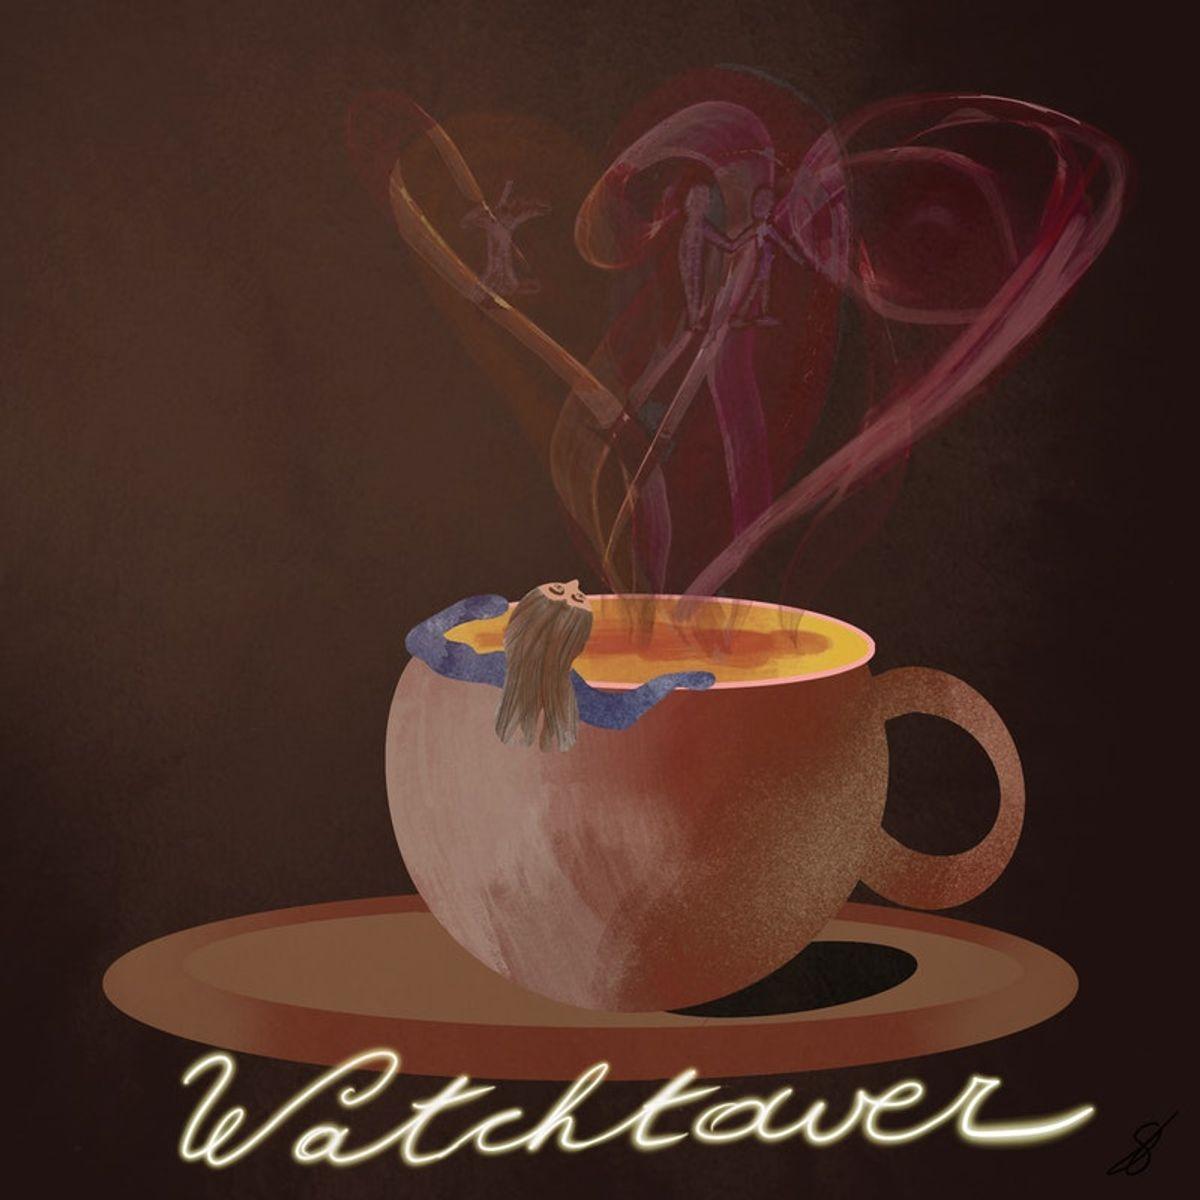 Mr. Autumn - Watchtower